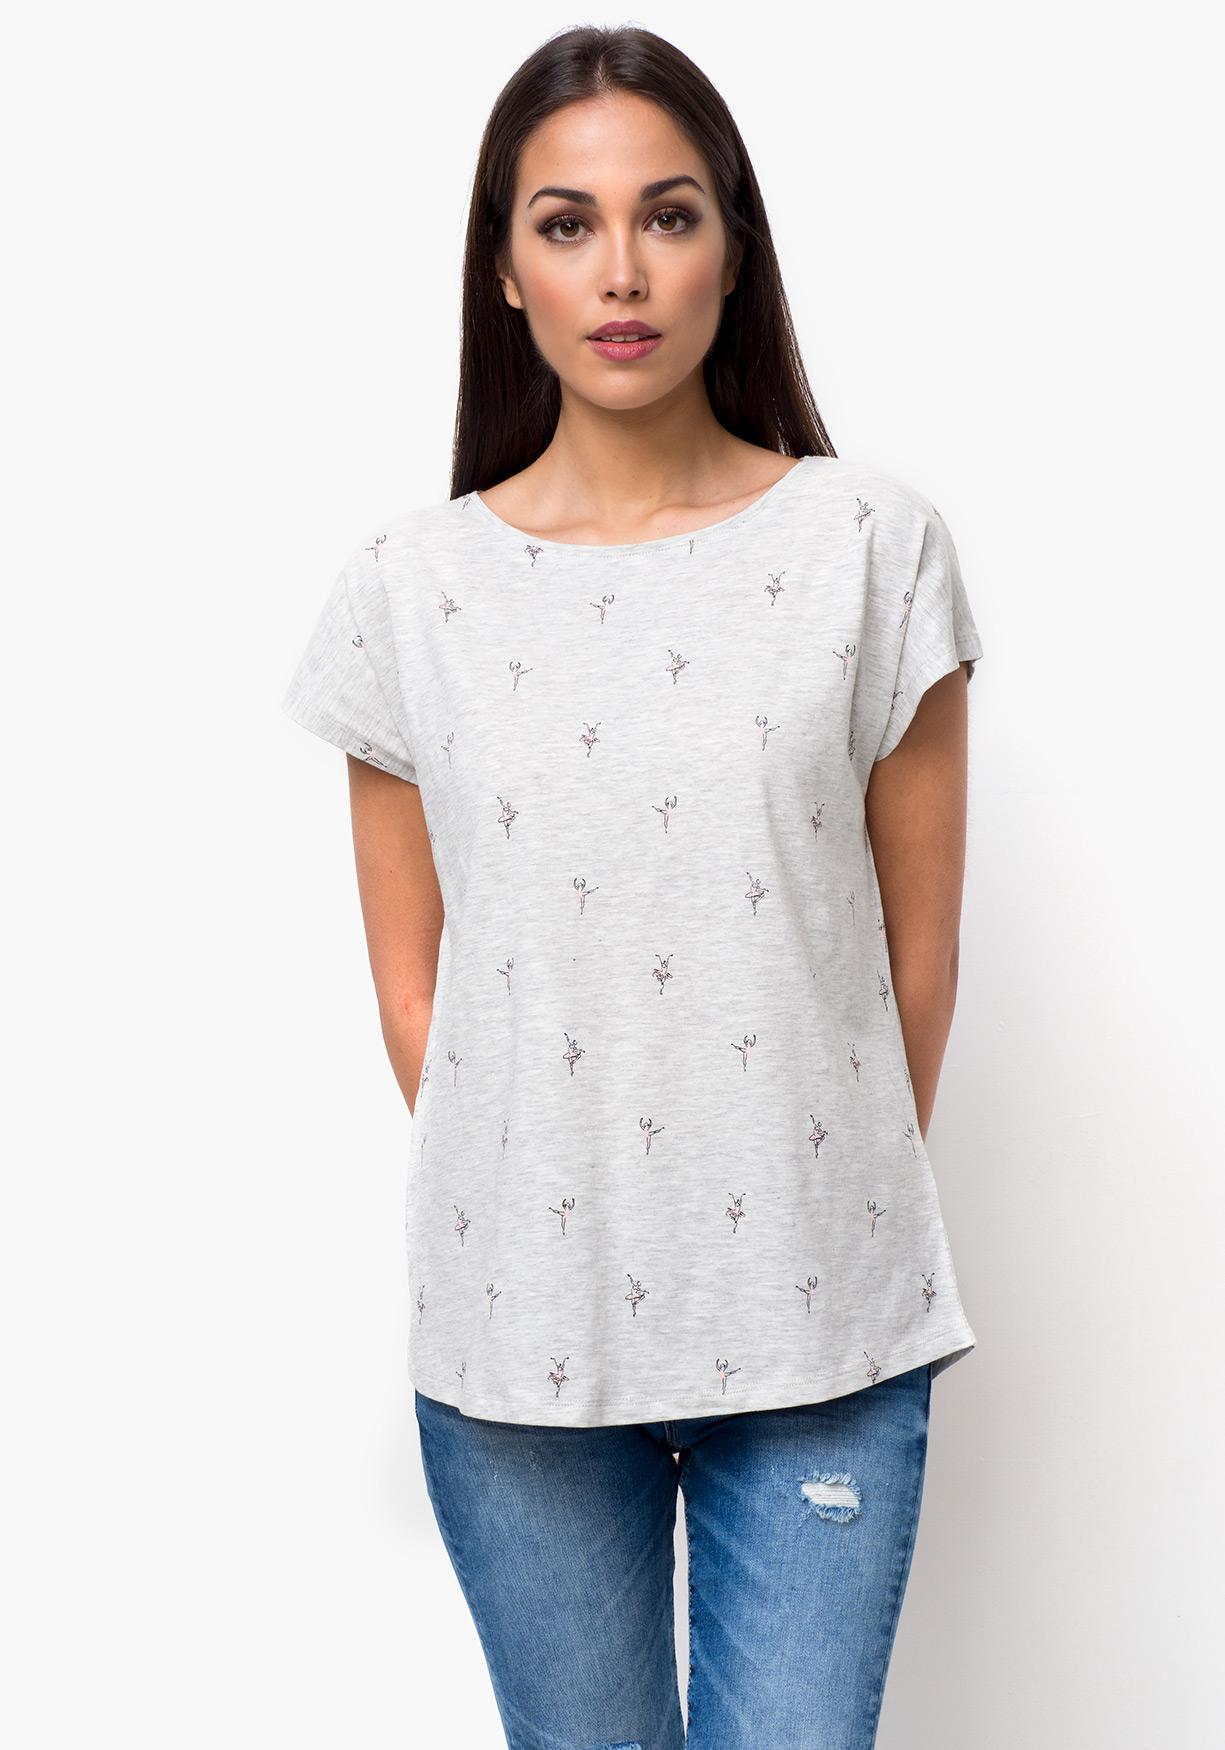 Comprar Camiseta de mujer manga corta básica TEX. ¡Aprovéchate de ... 196e1004fc94